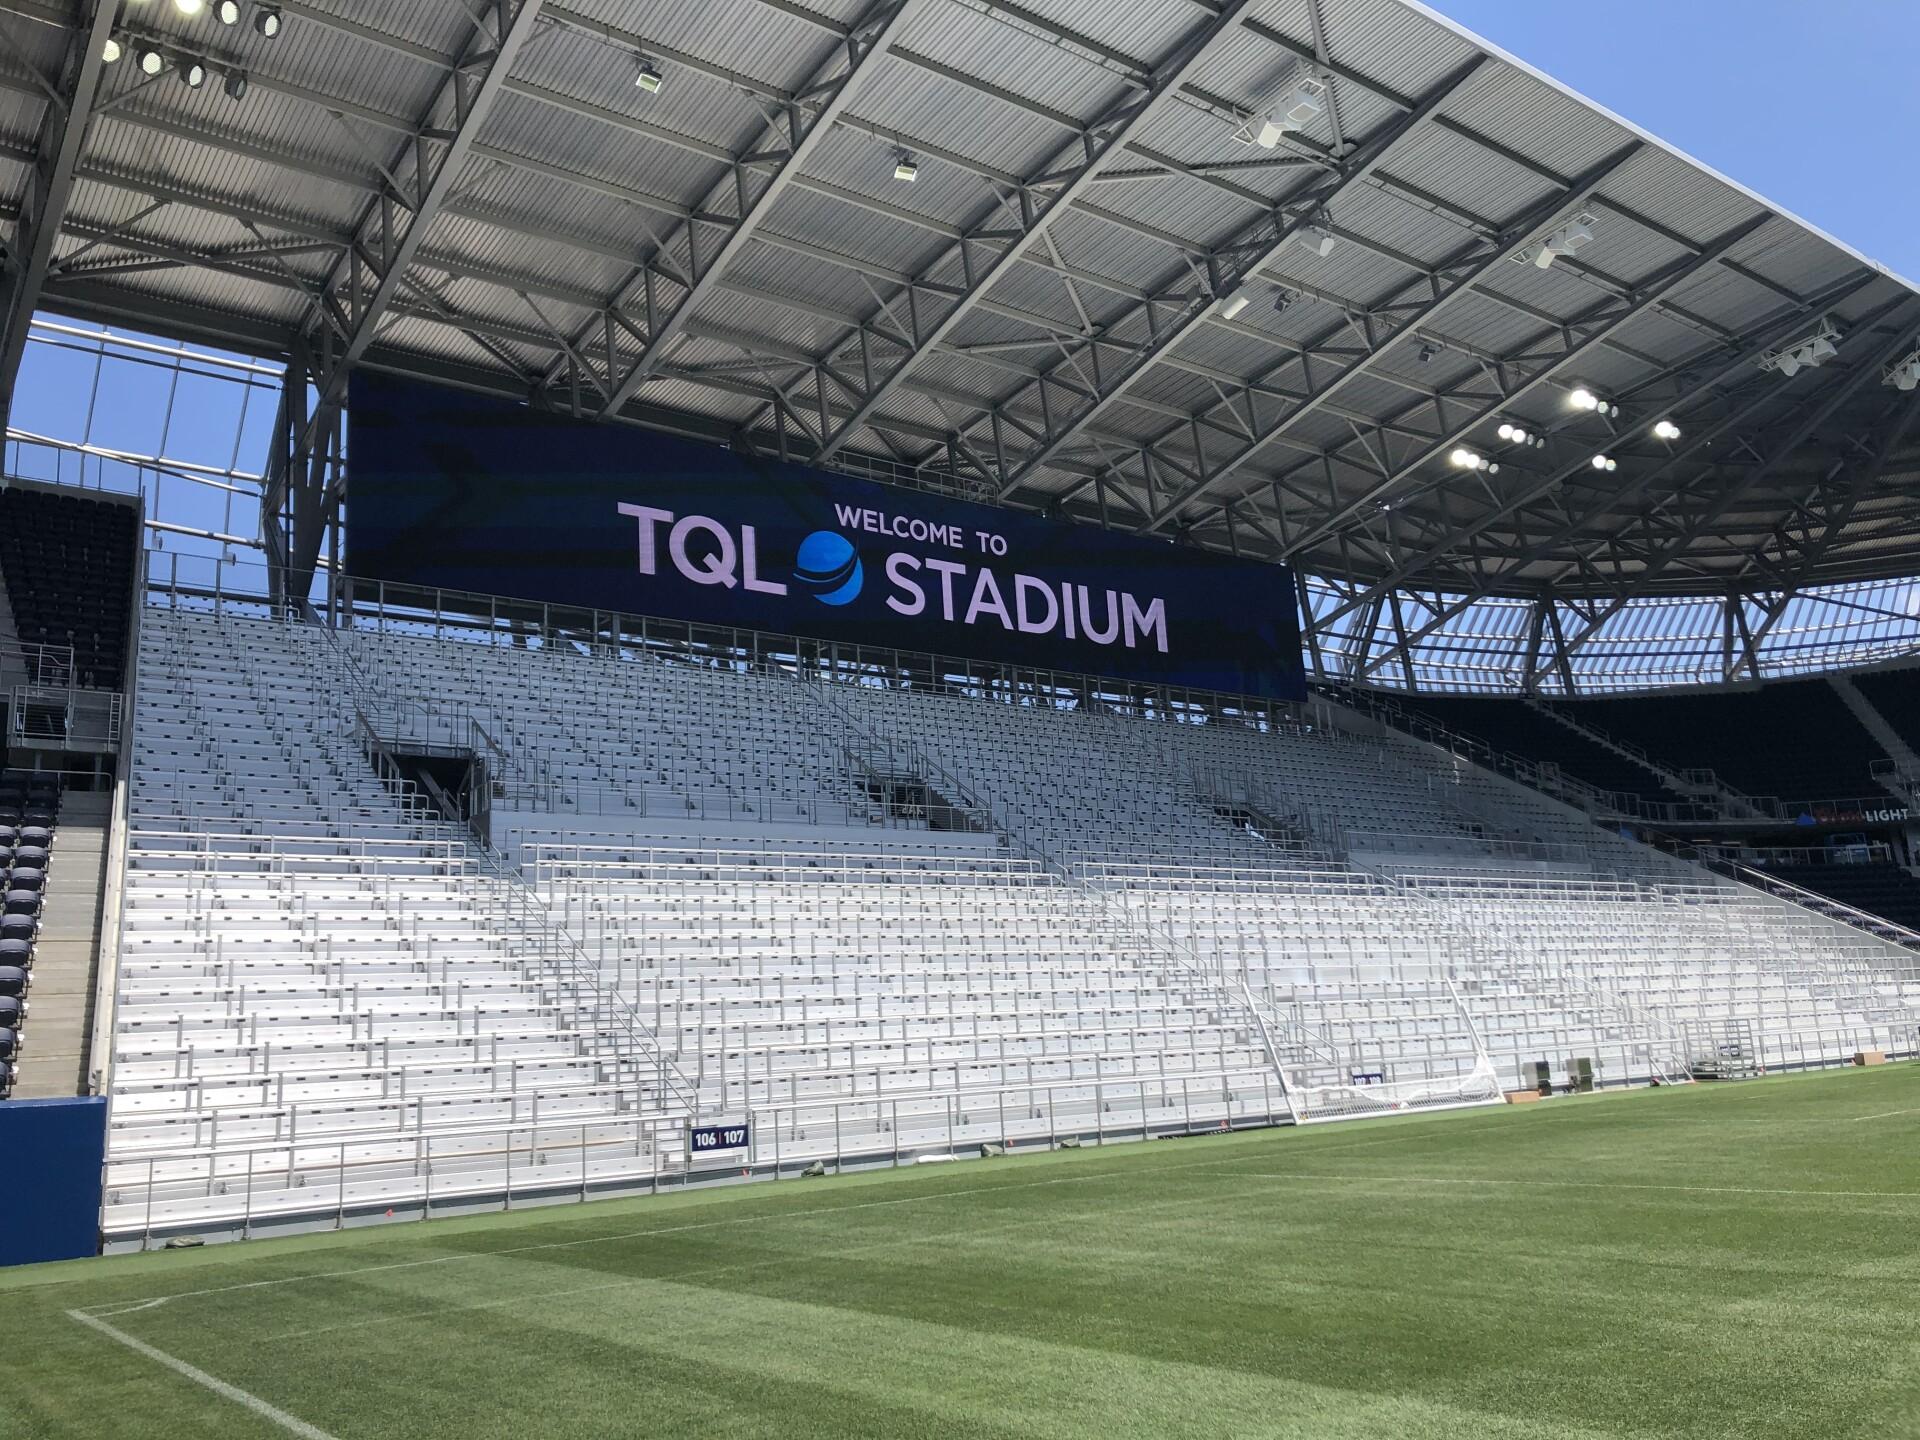 fcc-tql-stadium-10.jpg